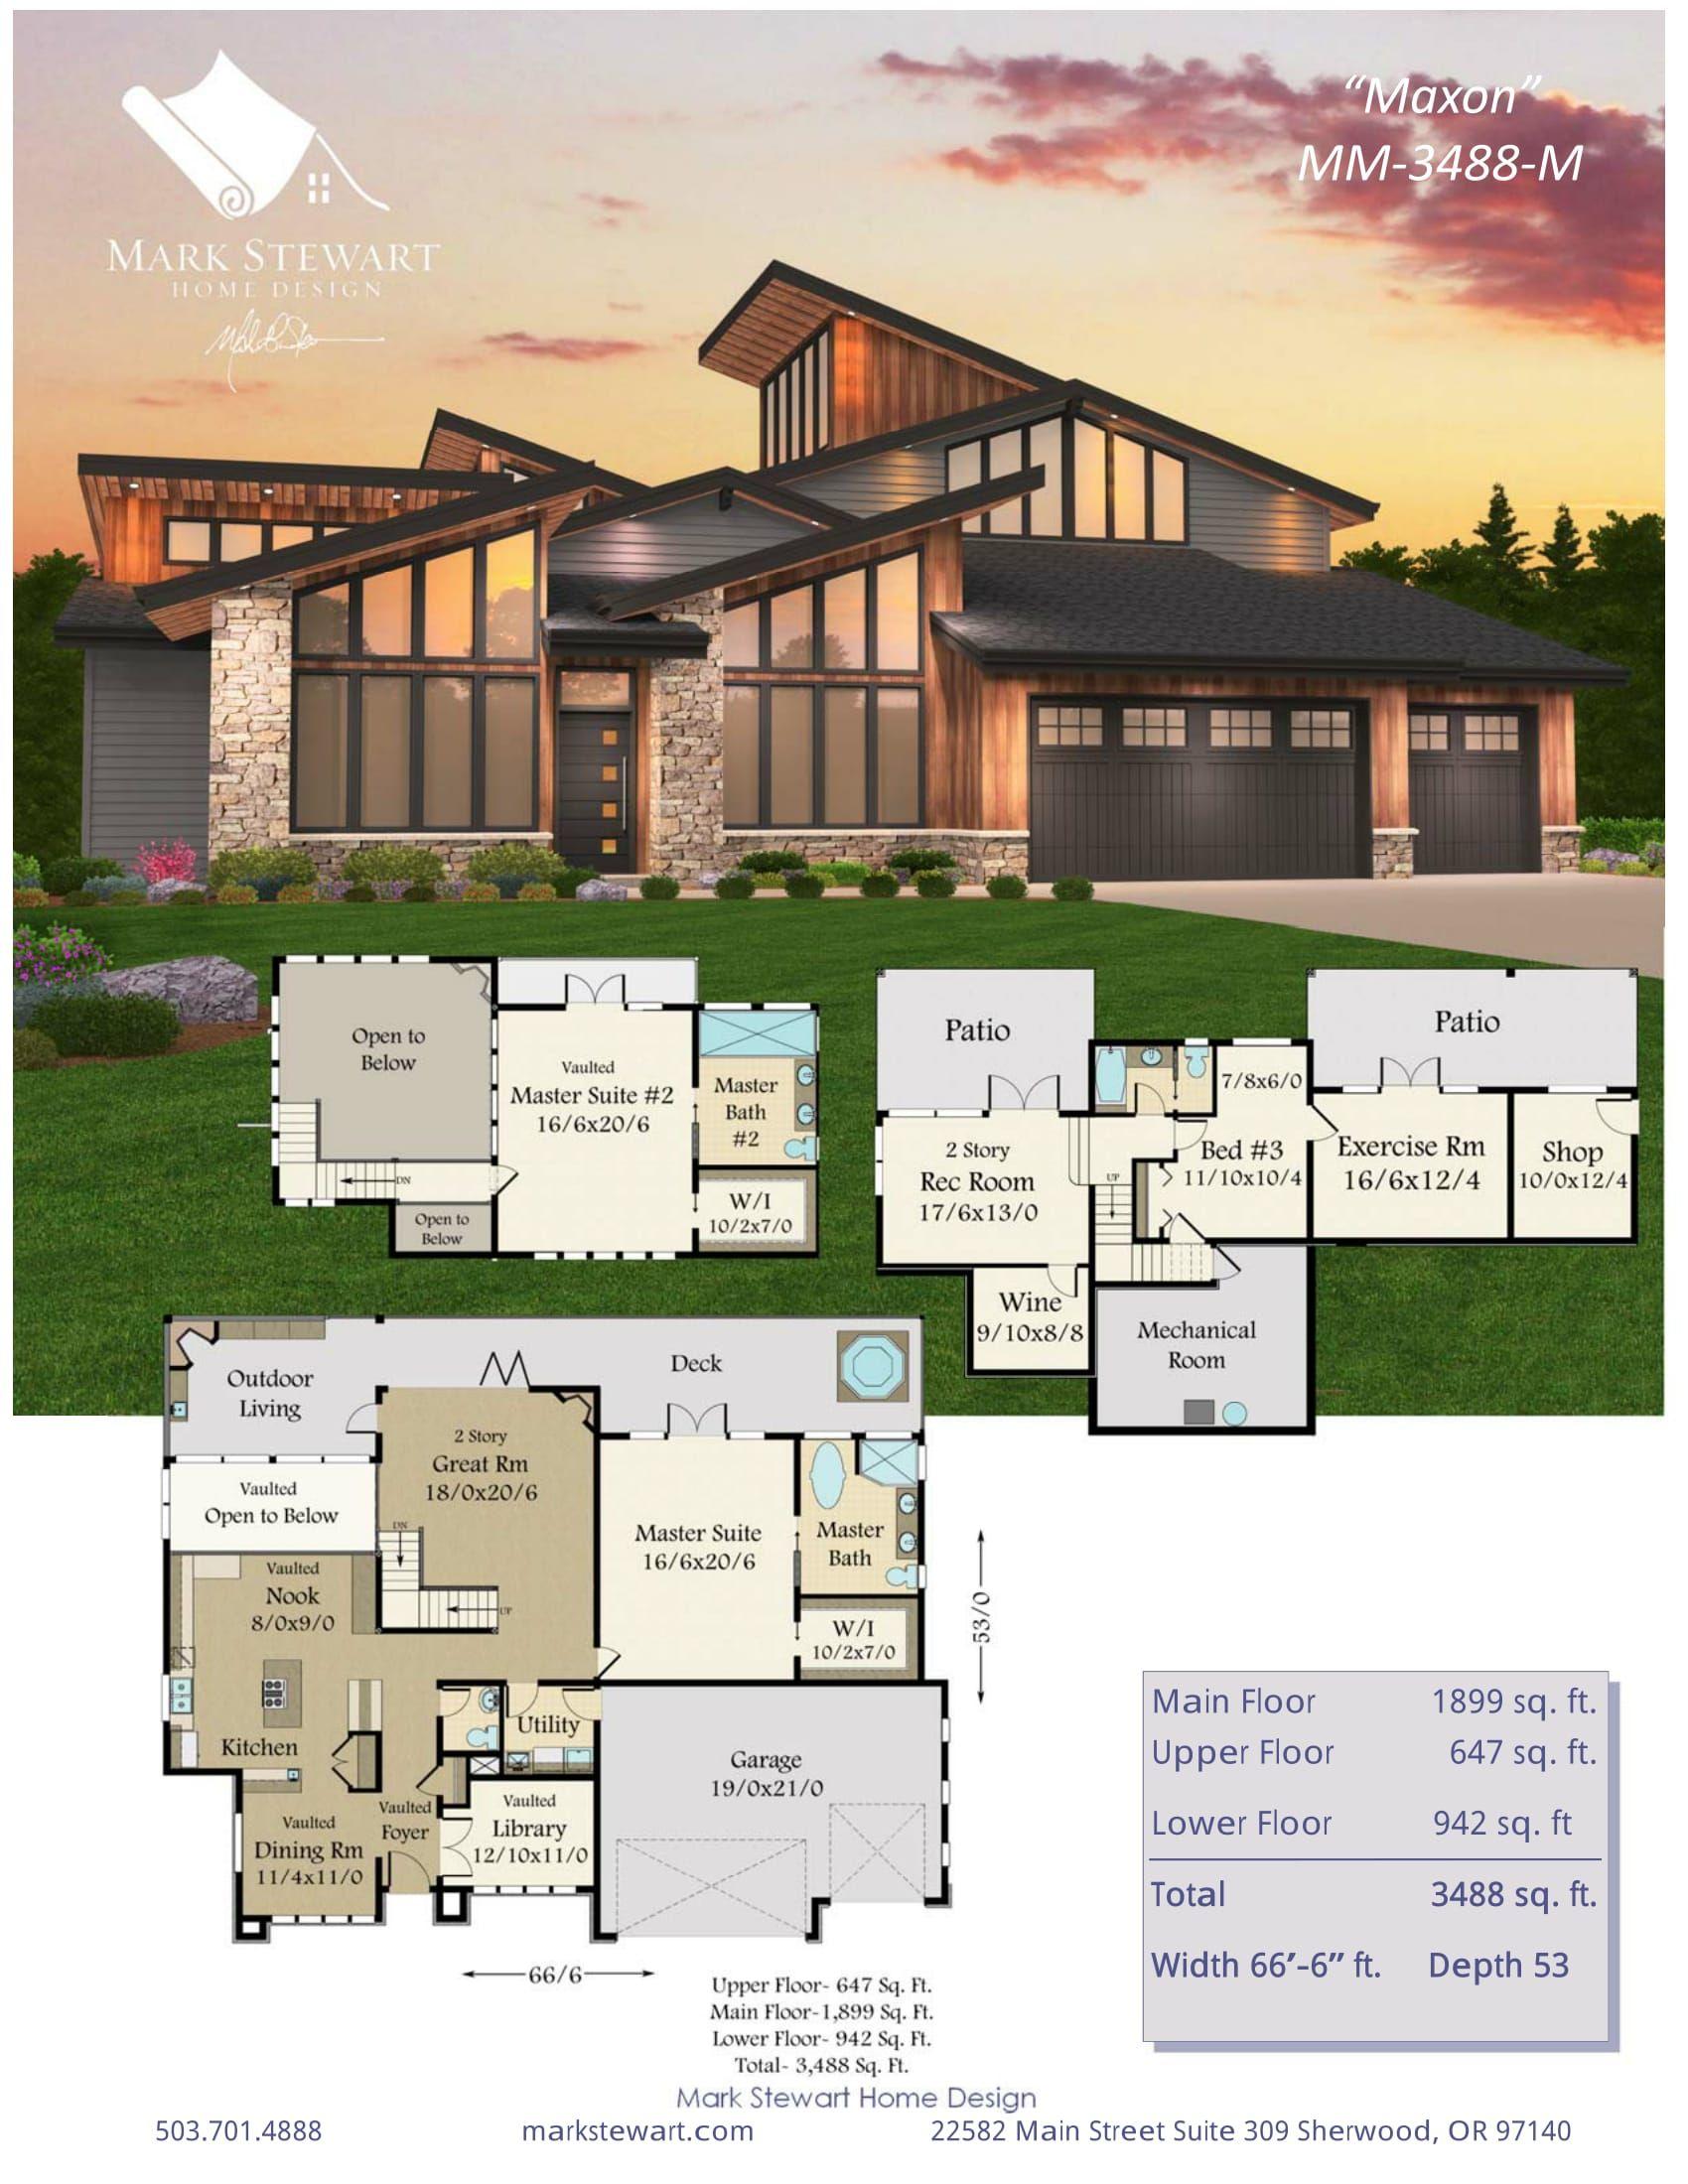 Maxon by mark stewart home design